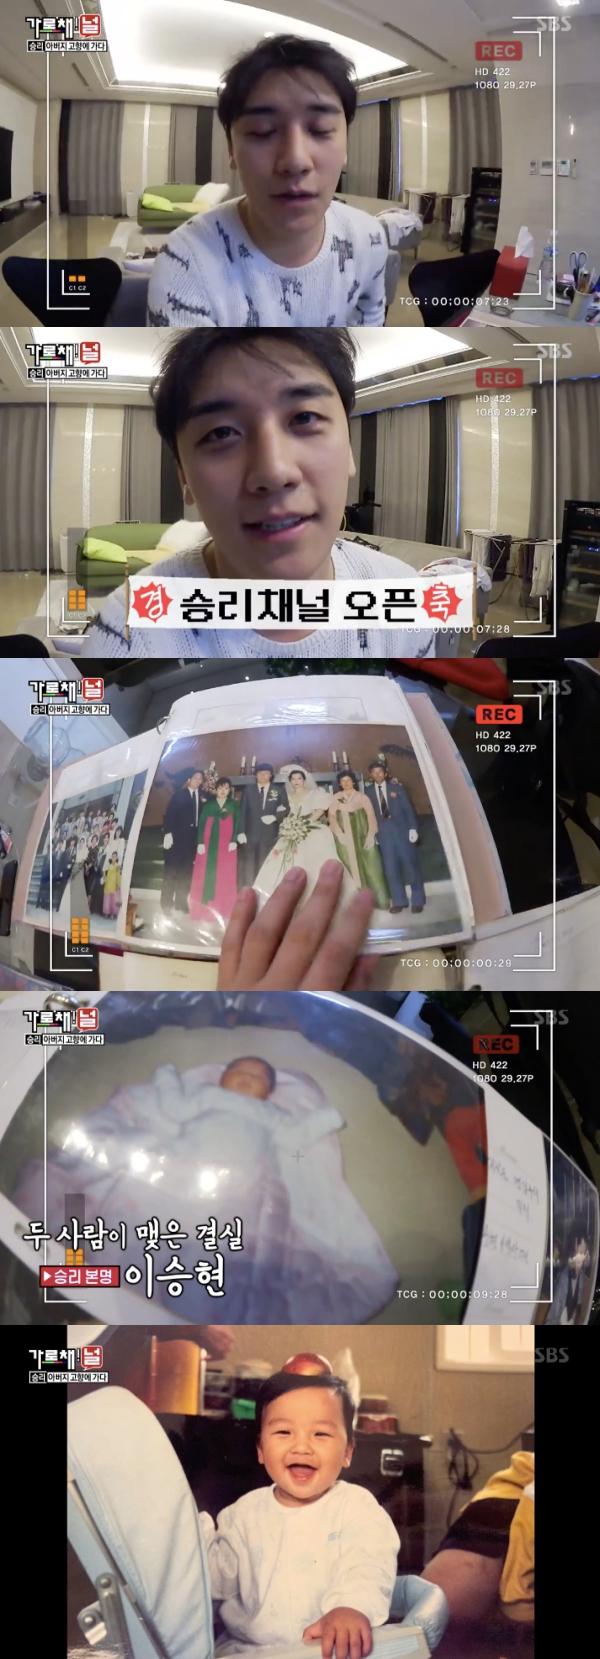 """'가로채널' 승리, 과거 사진 공개 """"제가 자라 세계적 활동"""" [TV캡처]"""